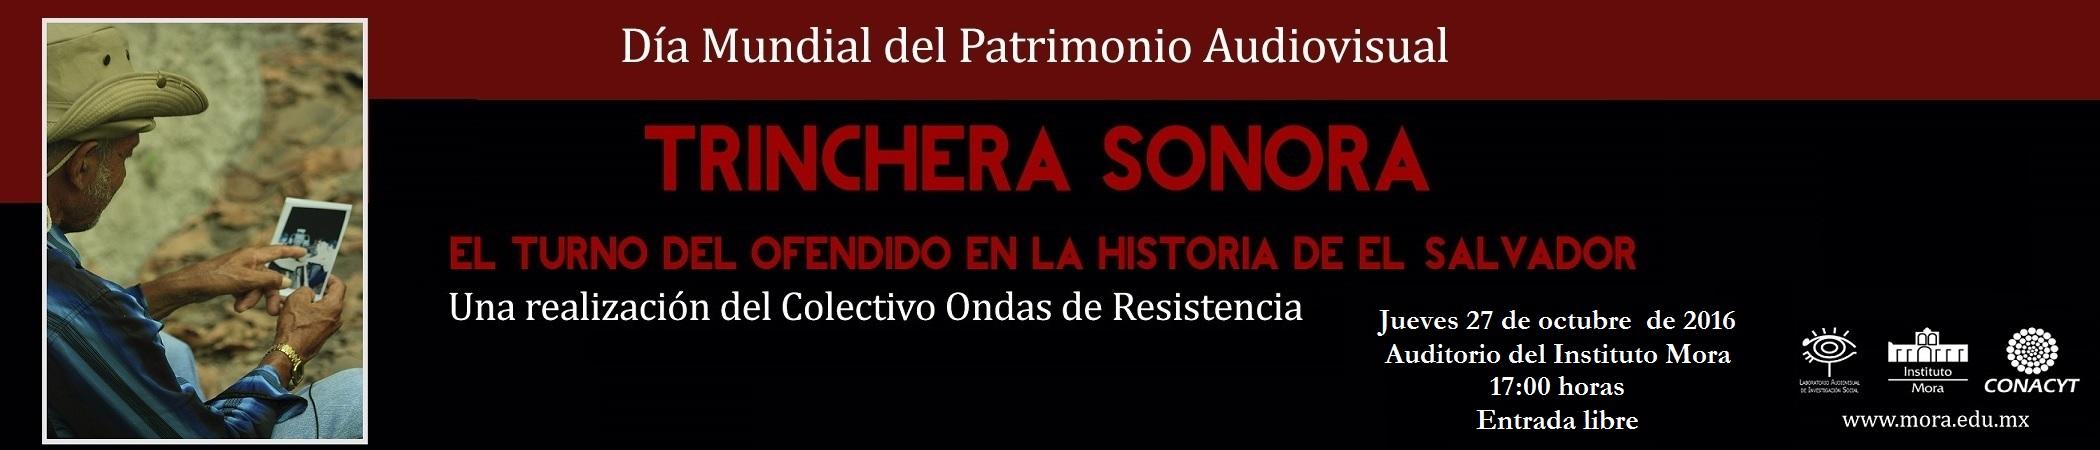 Proyección Documental Trinchera sonora. El turno del ofendido en la historia de El Salvador